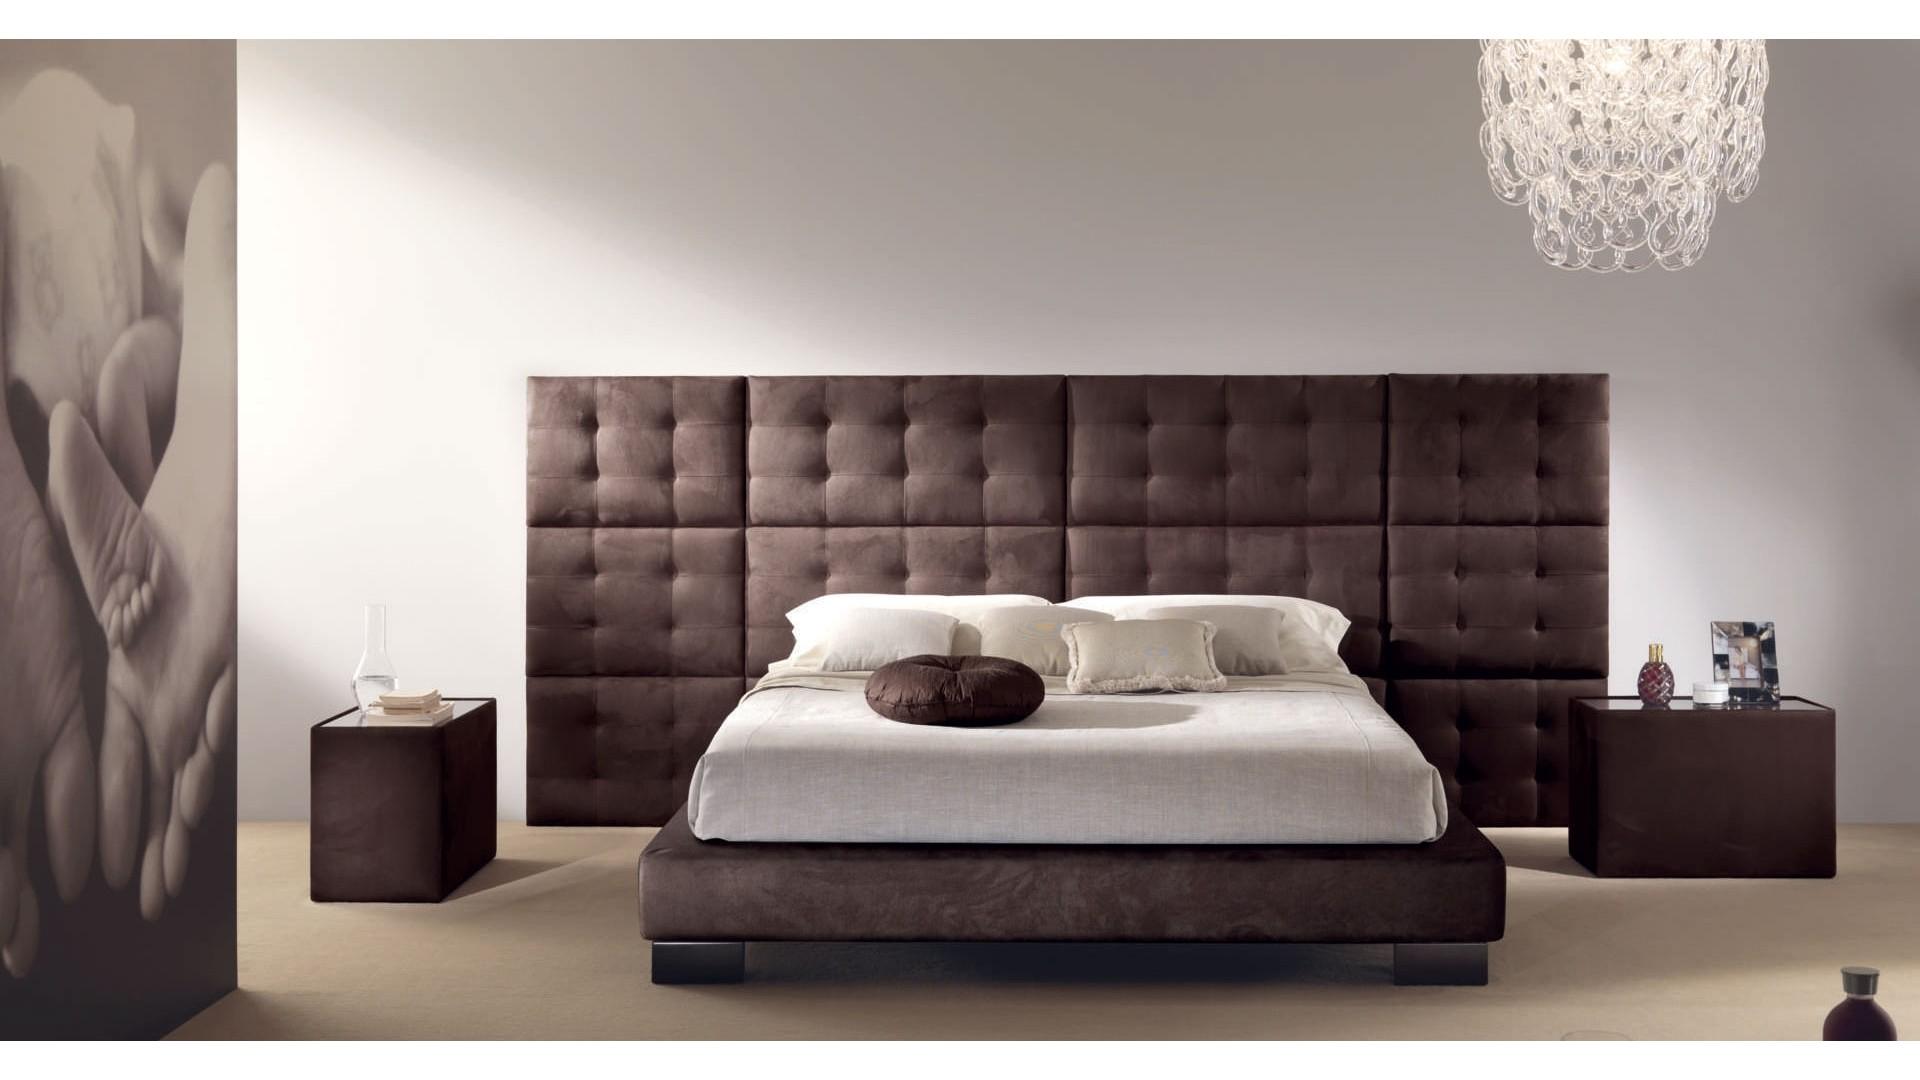 lit double chambre a coucher personnalisable menhir piermaria